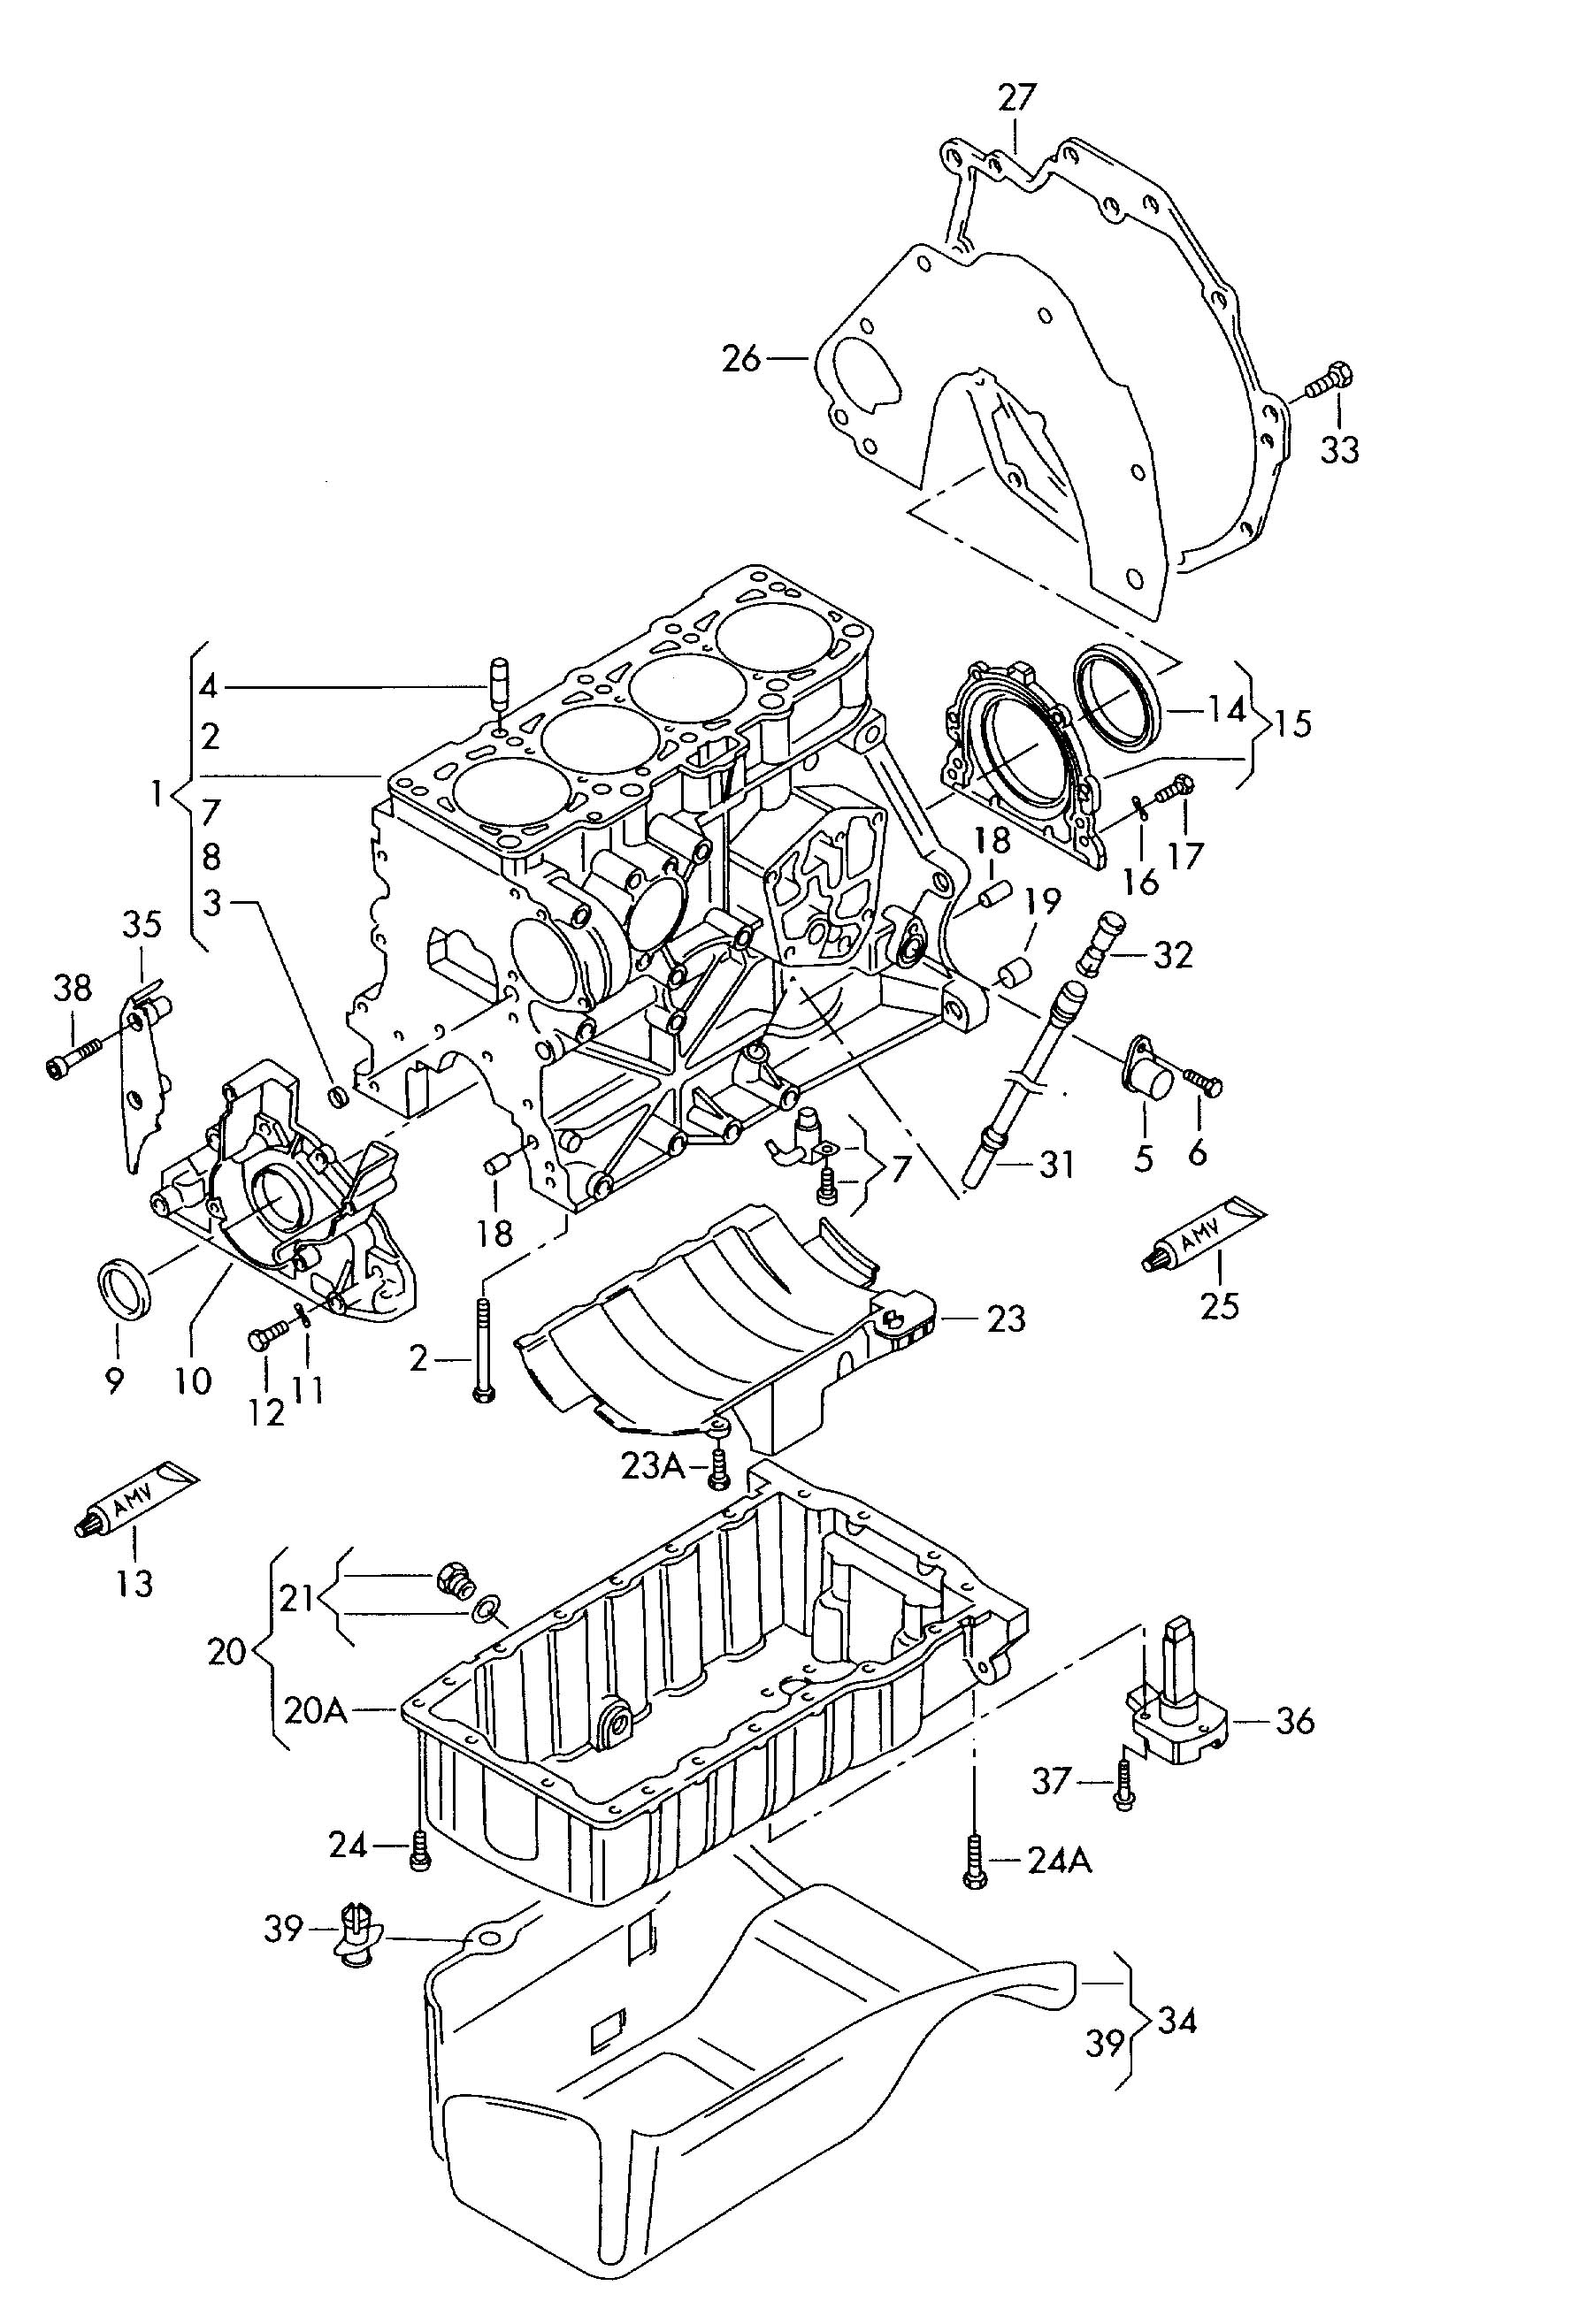 2002 jetta vr6 fuse box diagram